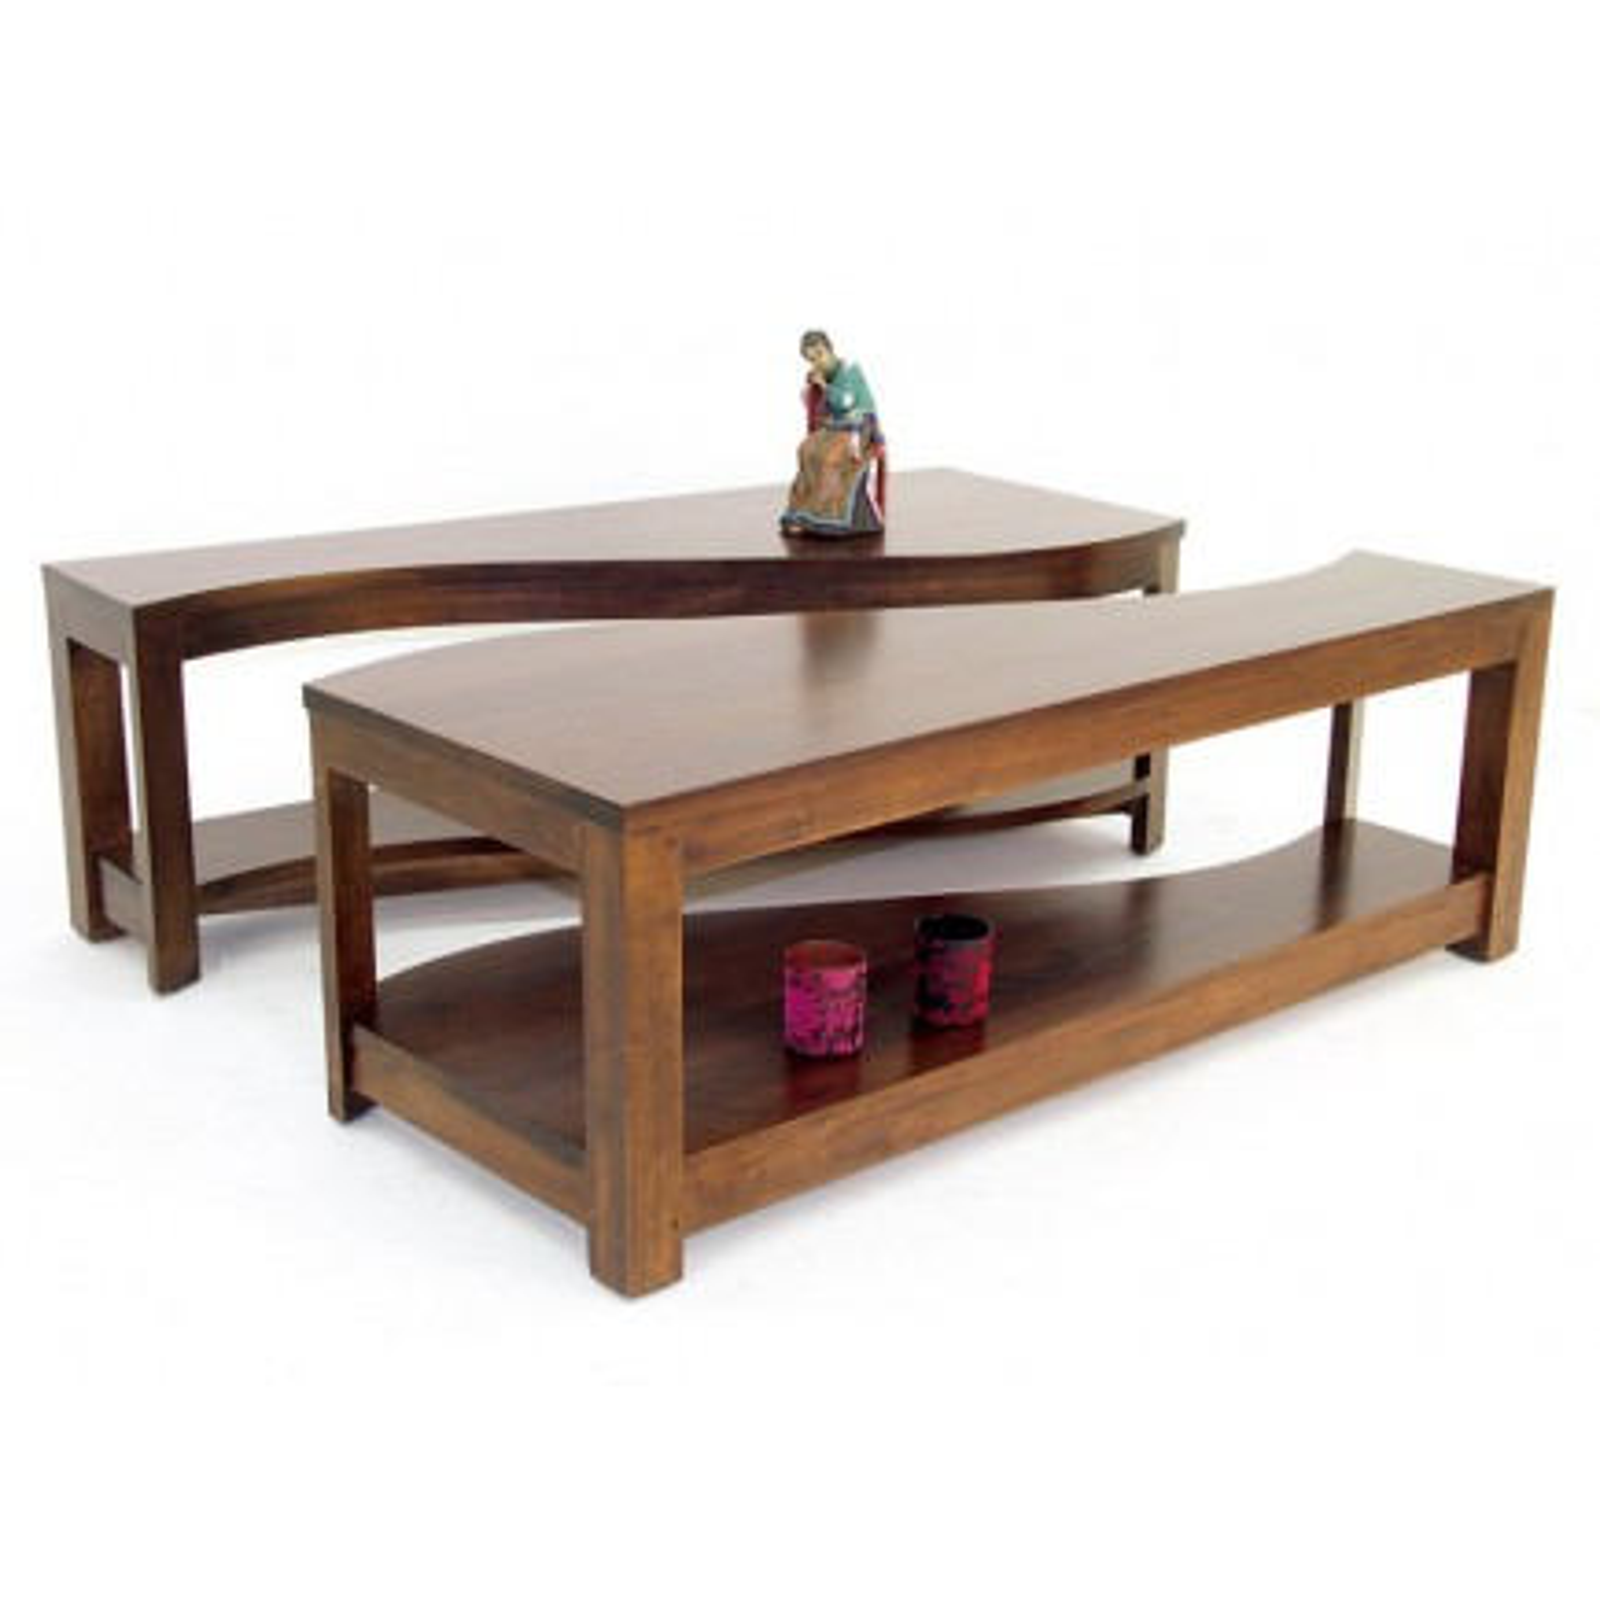 Table Basse Vague Oceania Hévéa - meuble style colonial